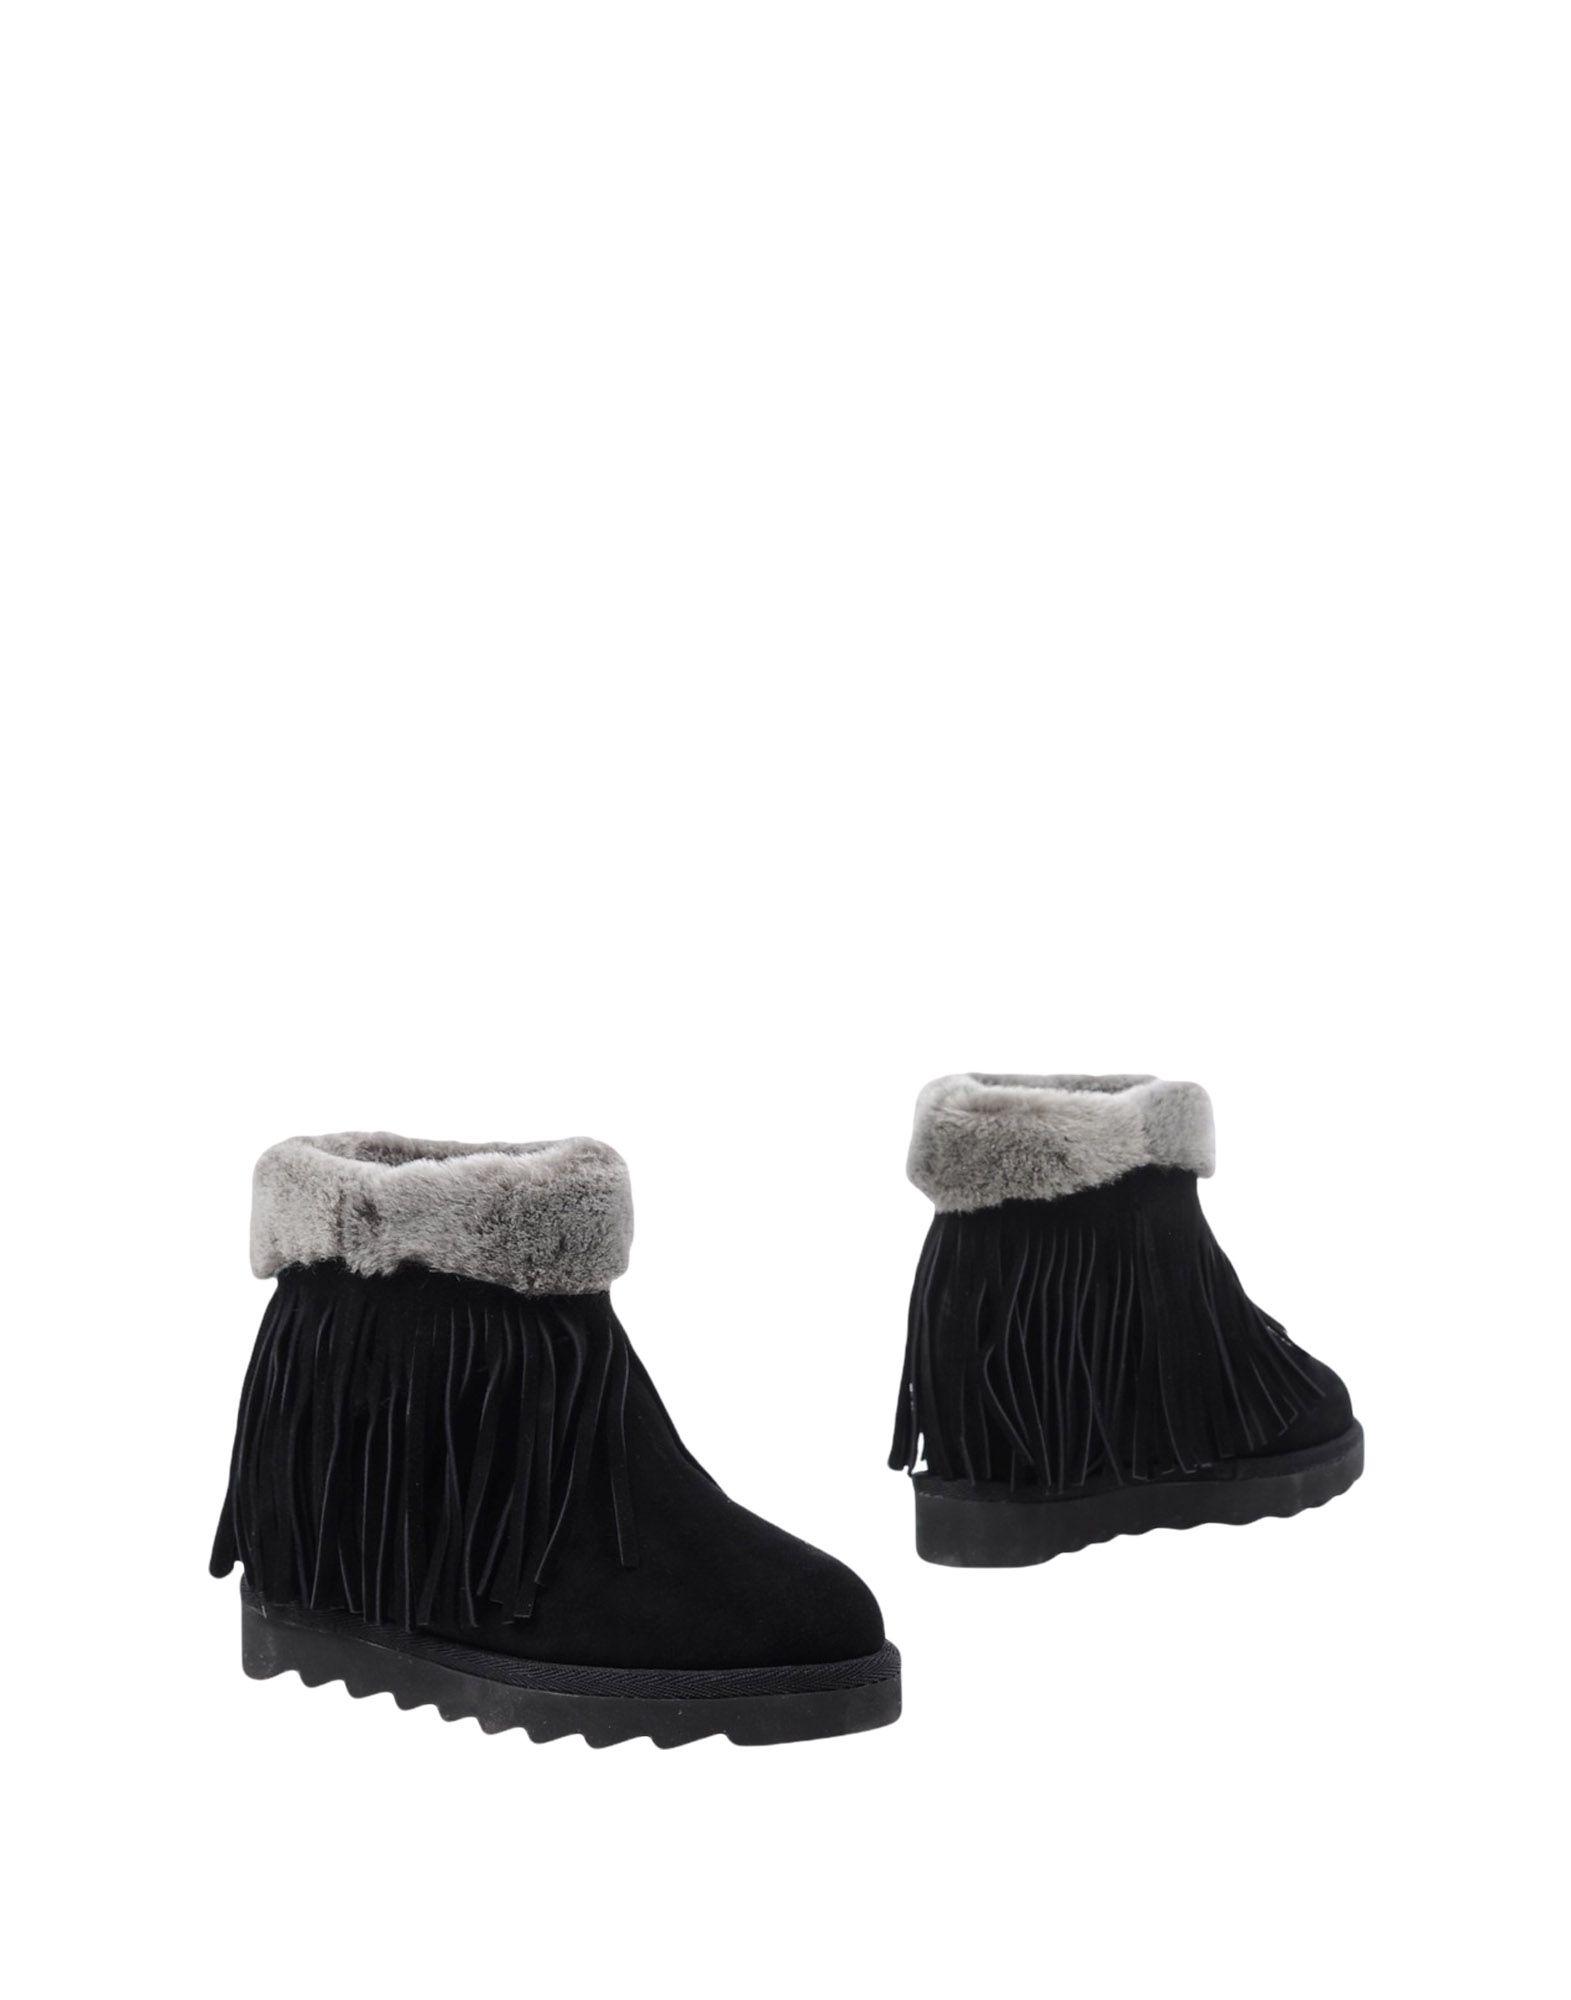 Haltbare Mode billige Schuhe Ash Stiefelette Damen  11362385LO Heiße Schuhe